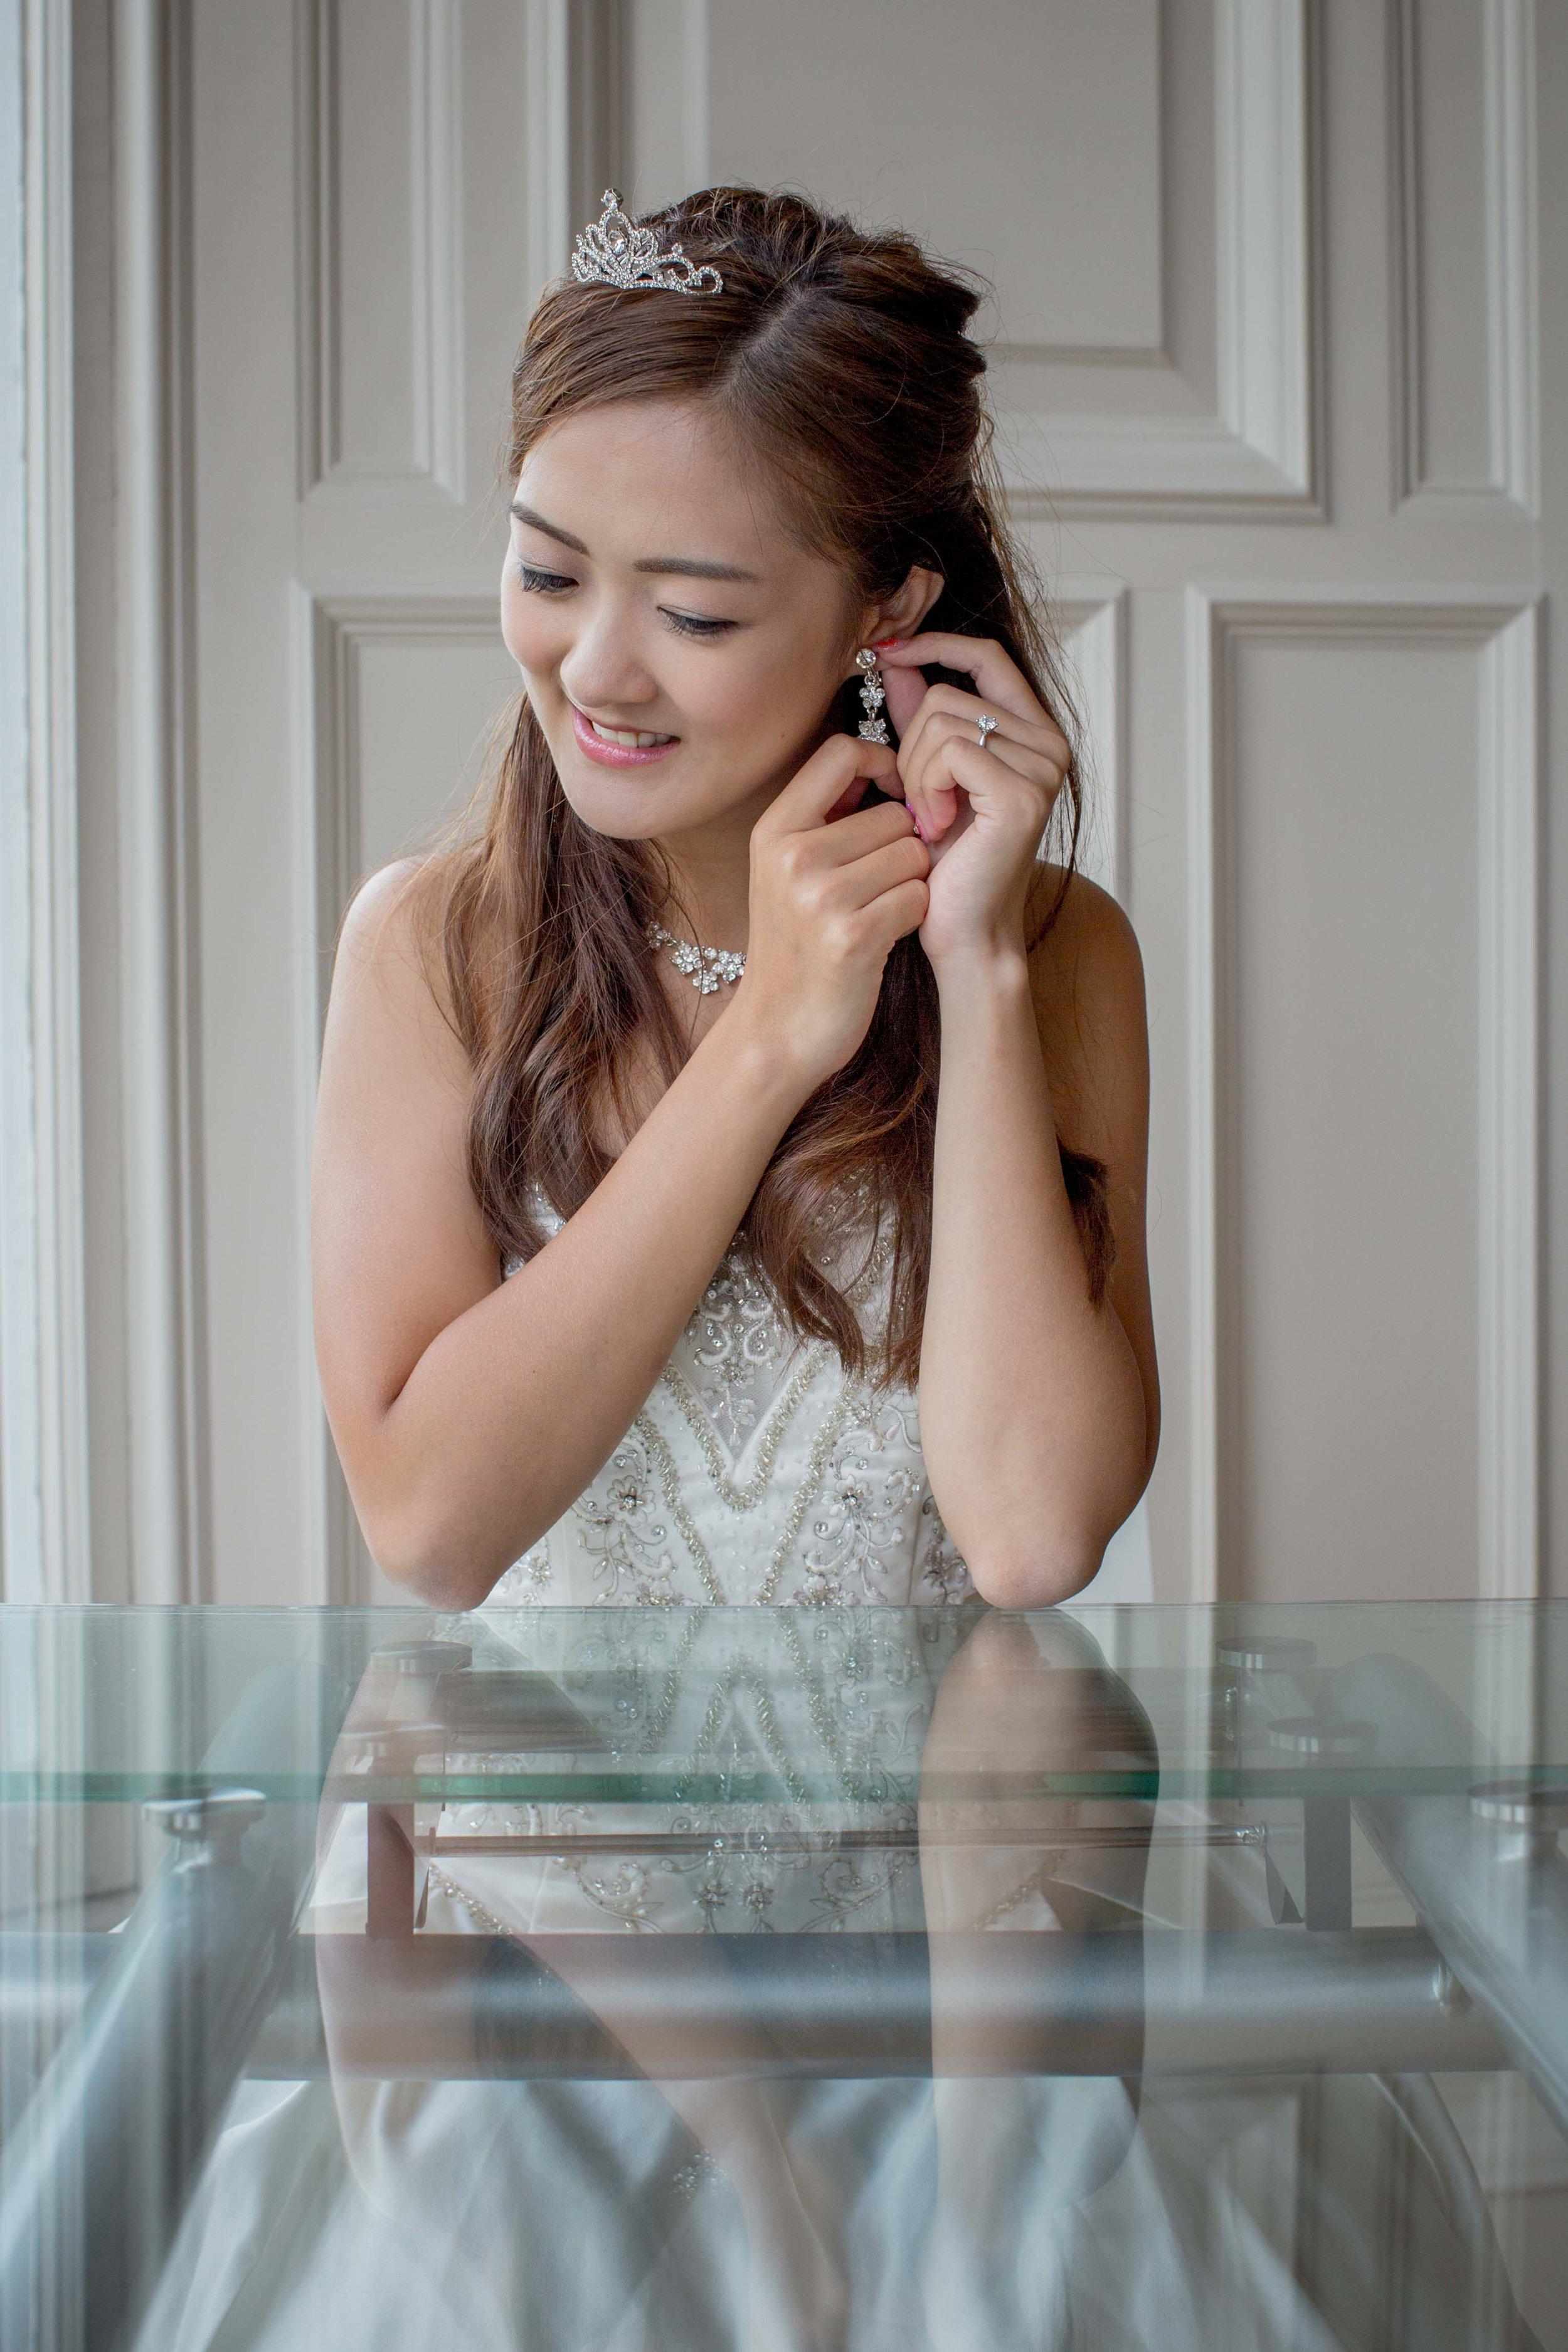 婚紗攝影倫敦英國-婚纱摄影伦敦英国-Chinese- pre-wedding-engagement-shoot-photoshoot-London-edinburgh-destination-wedding-photographer-hong-kong-natalia-smith-photography-23.jpg